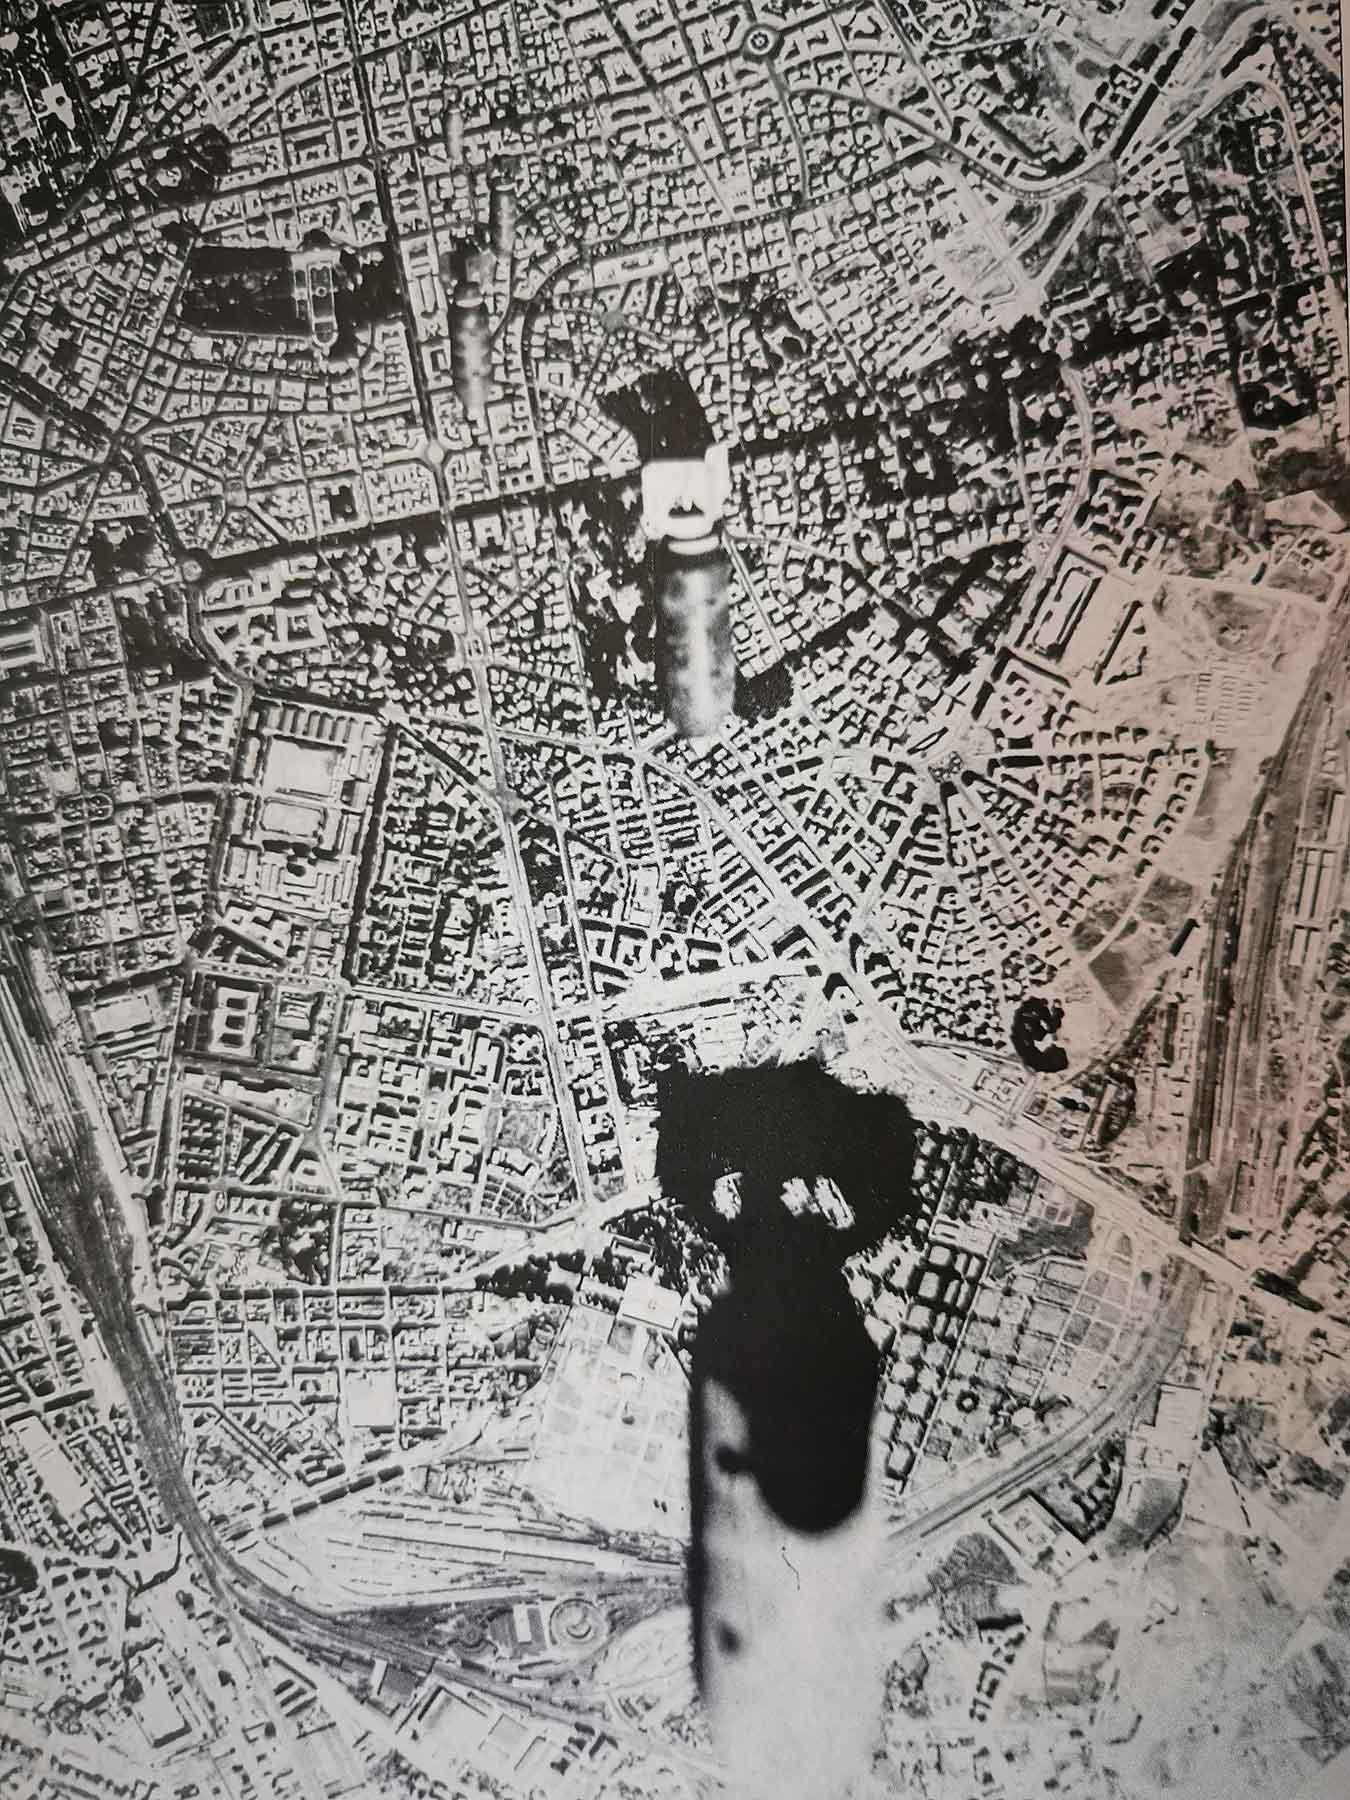 Bombe in picchiata sull'area dello scalo ferroviario, 19 luglio 1943